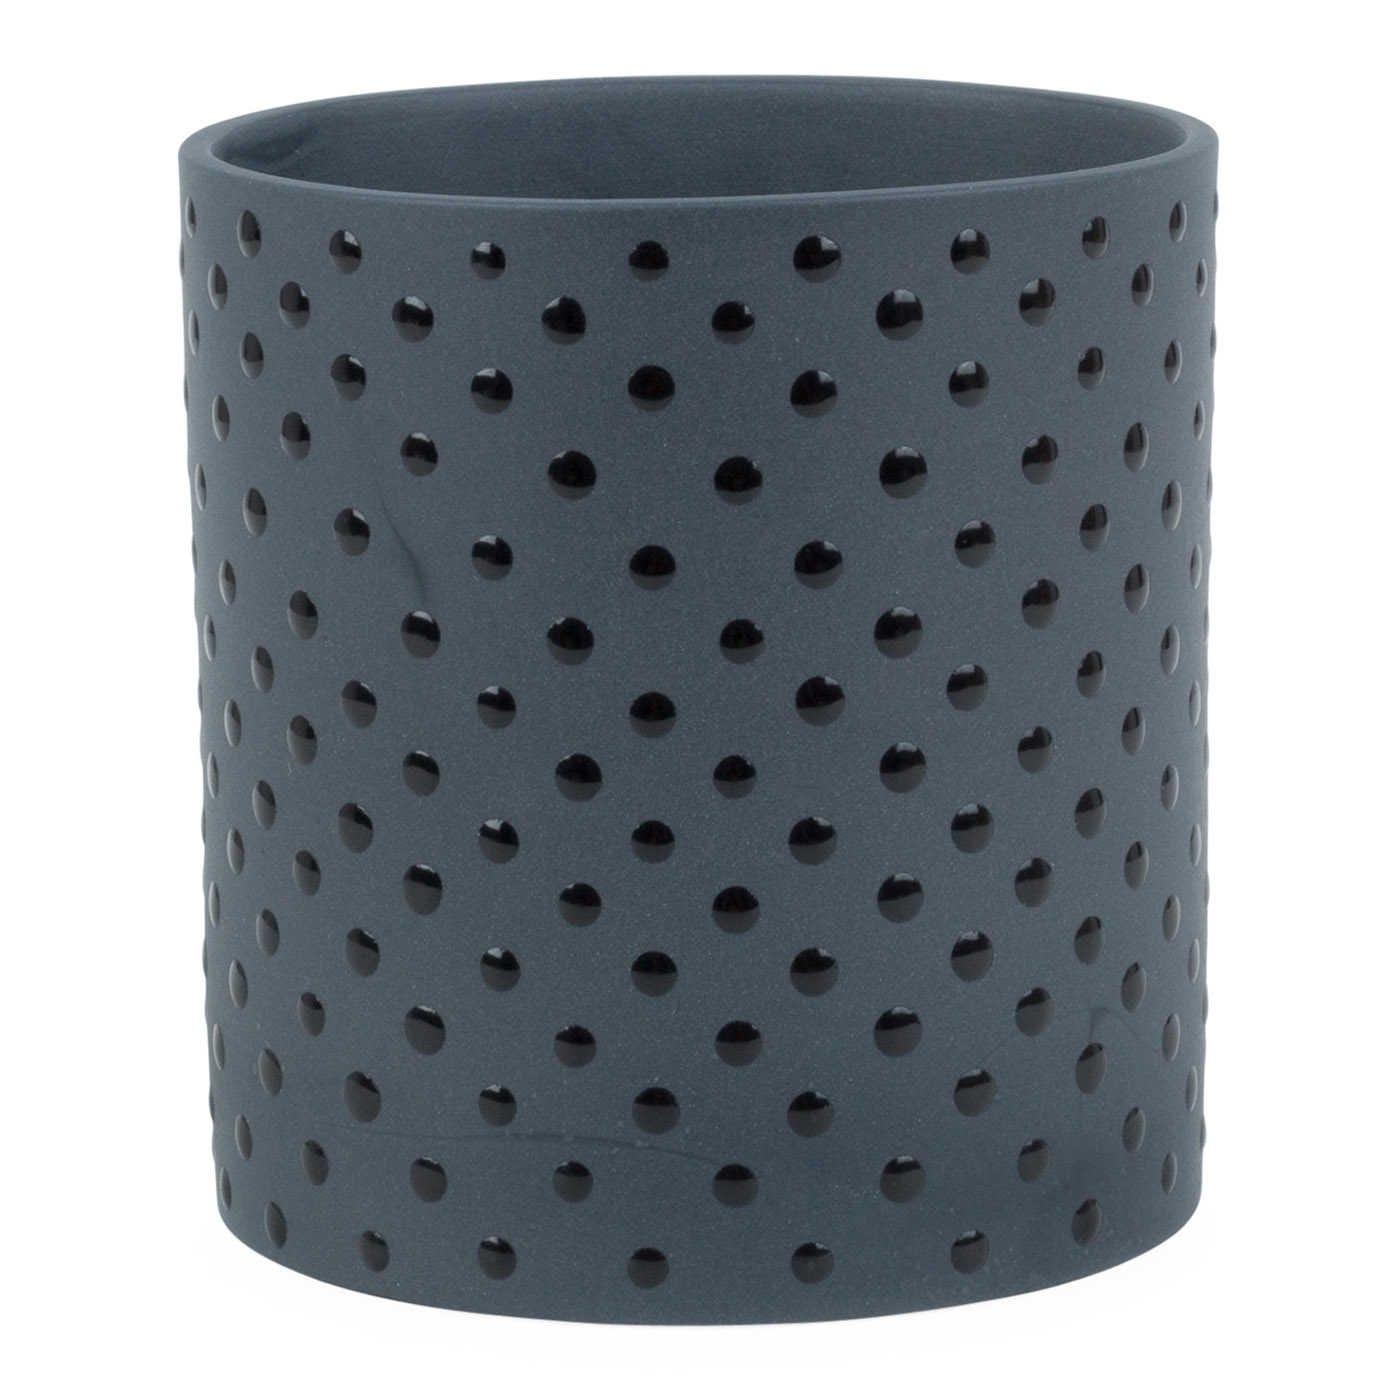 Spots Jar Black